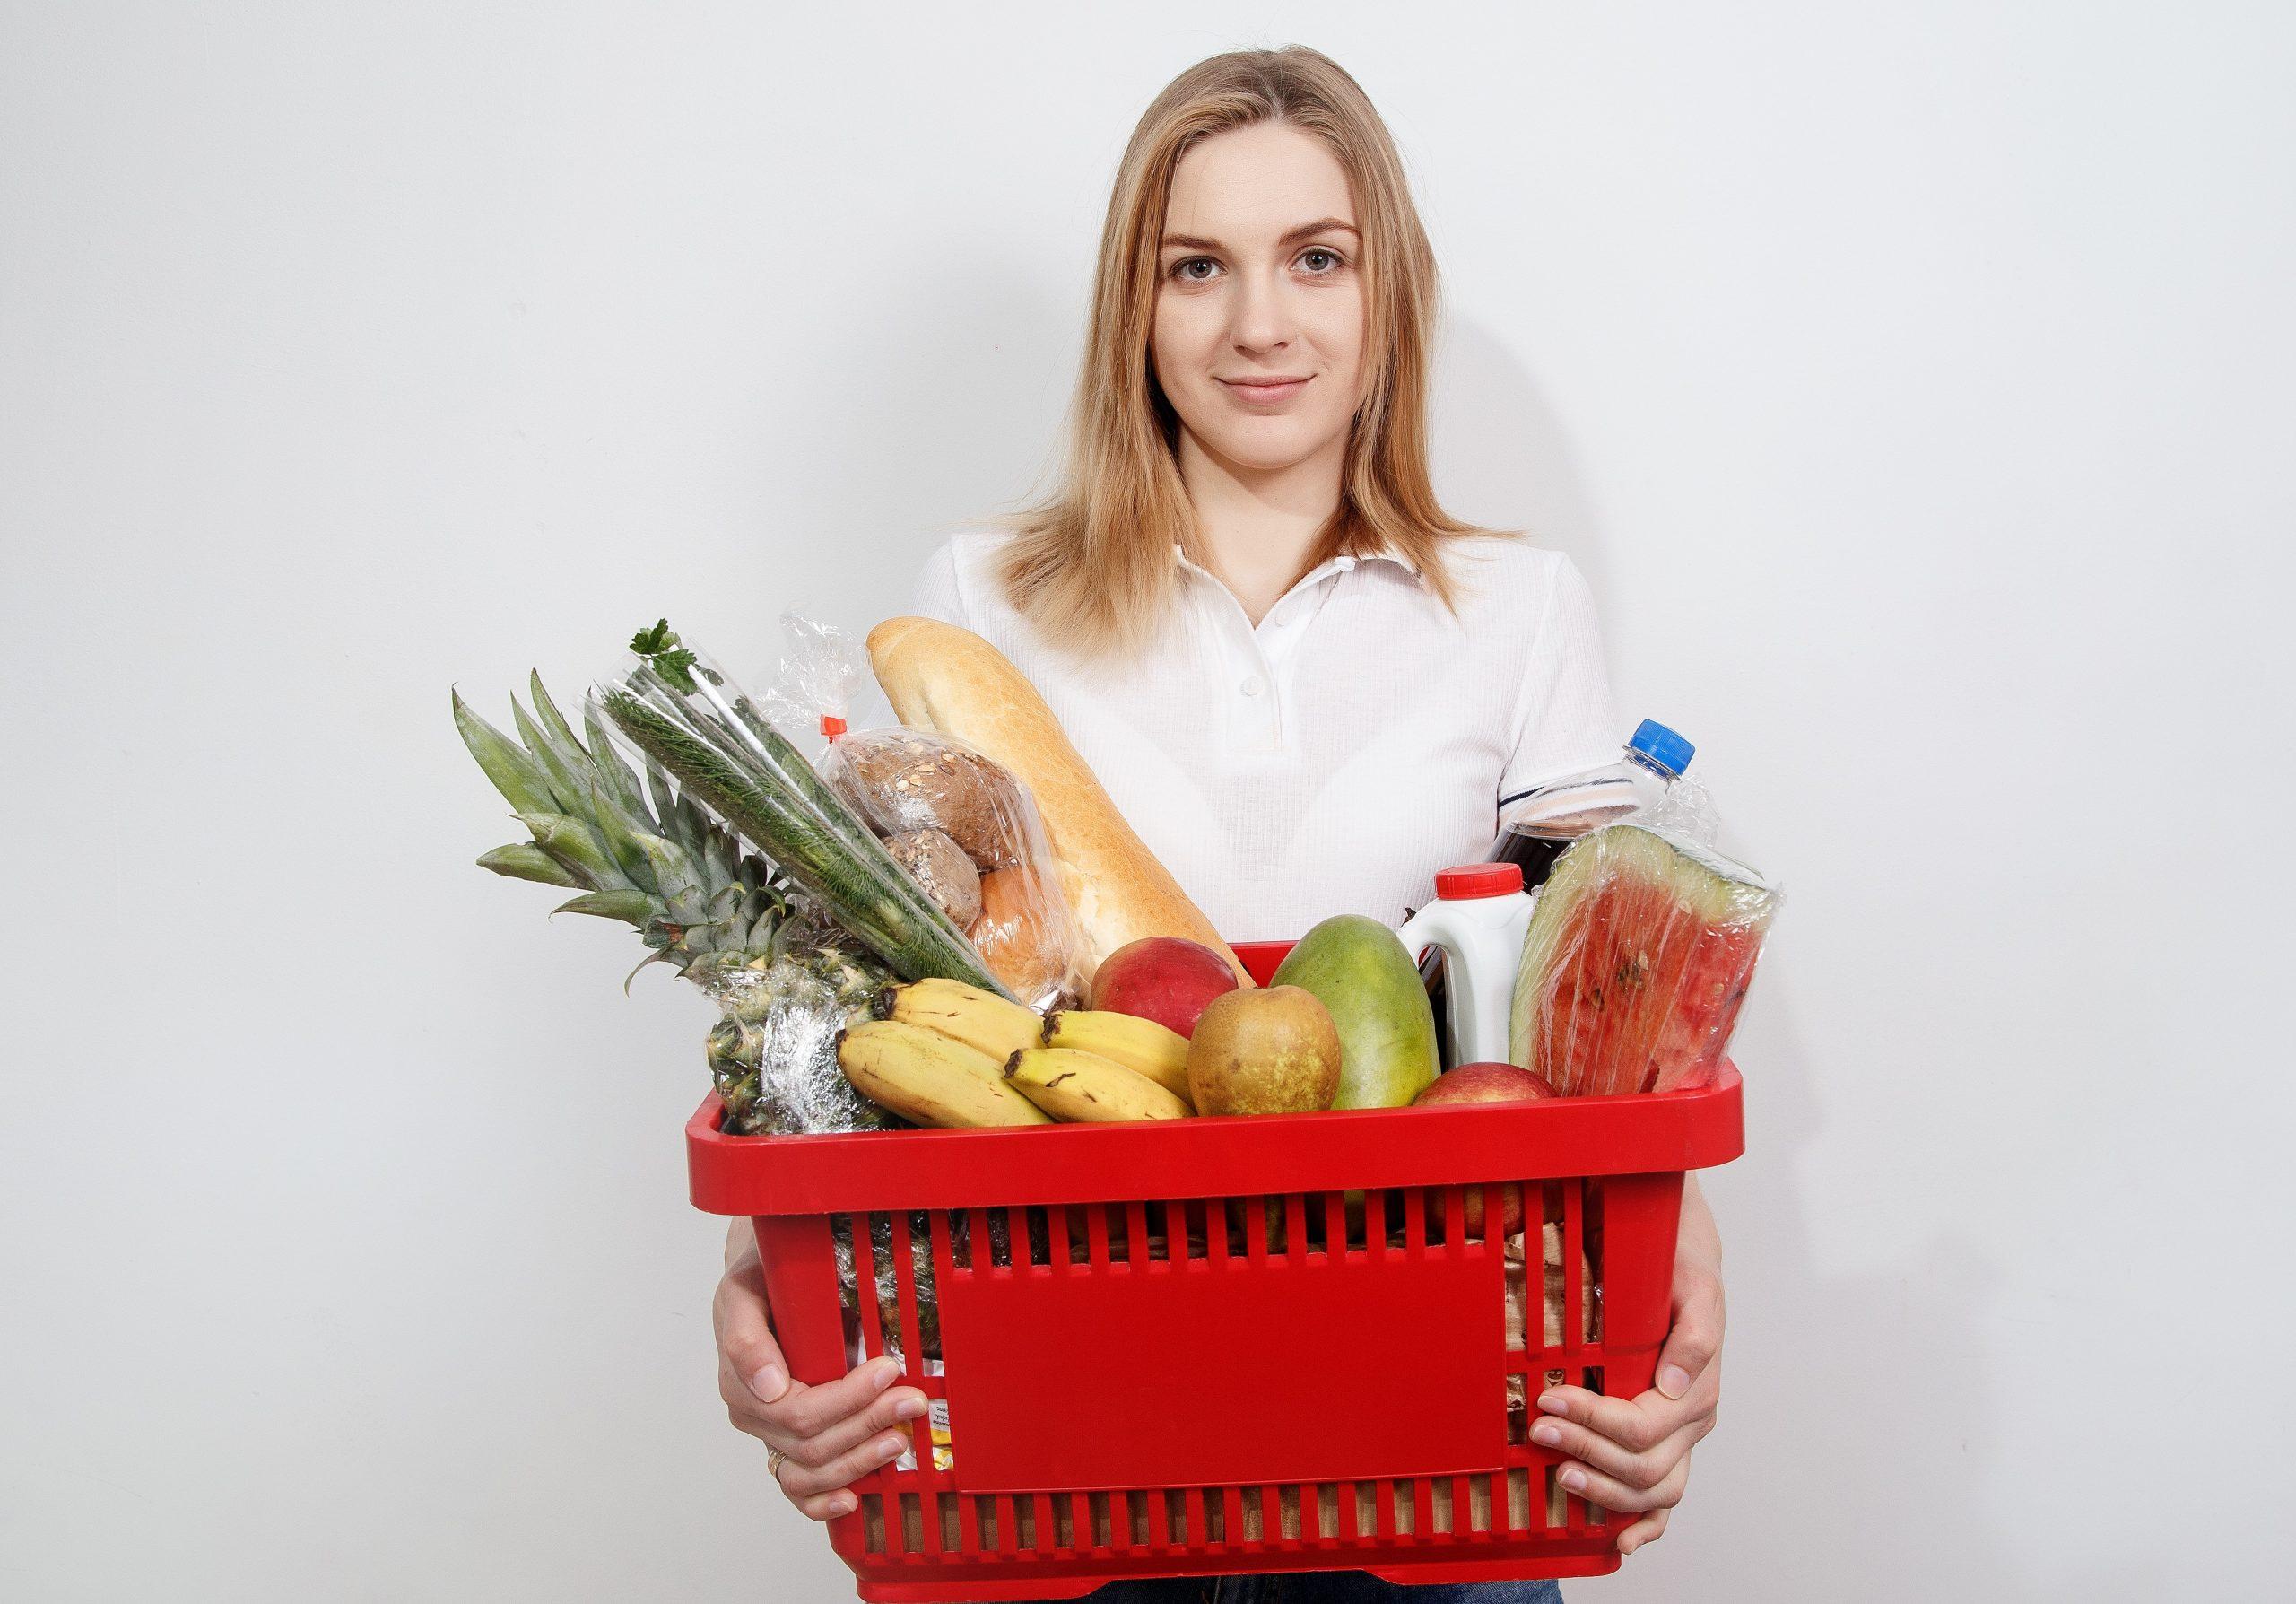 Mulher segurando cesta com frutas e outros alimentos.